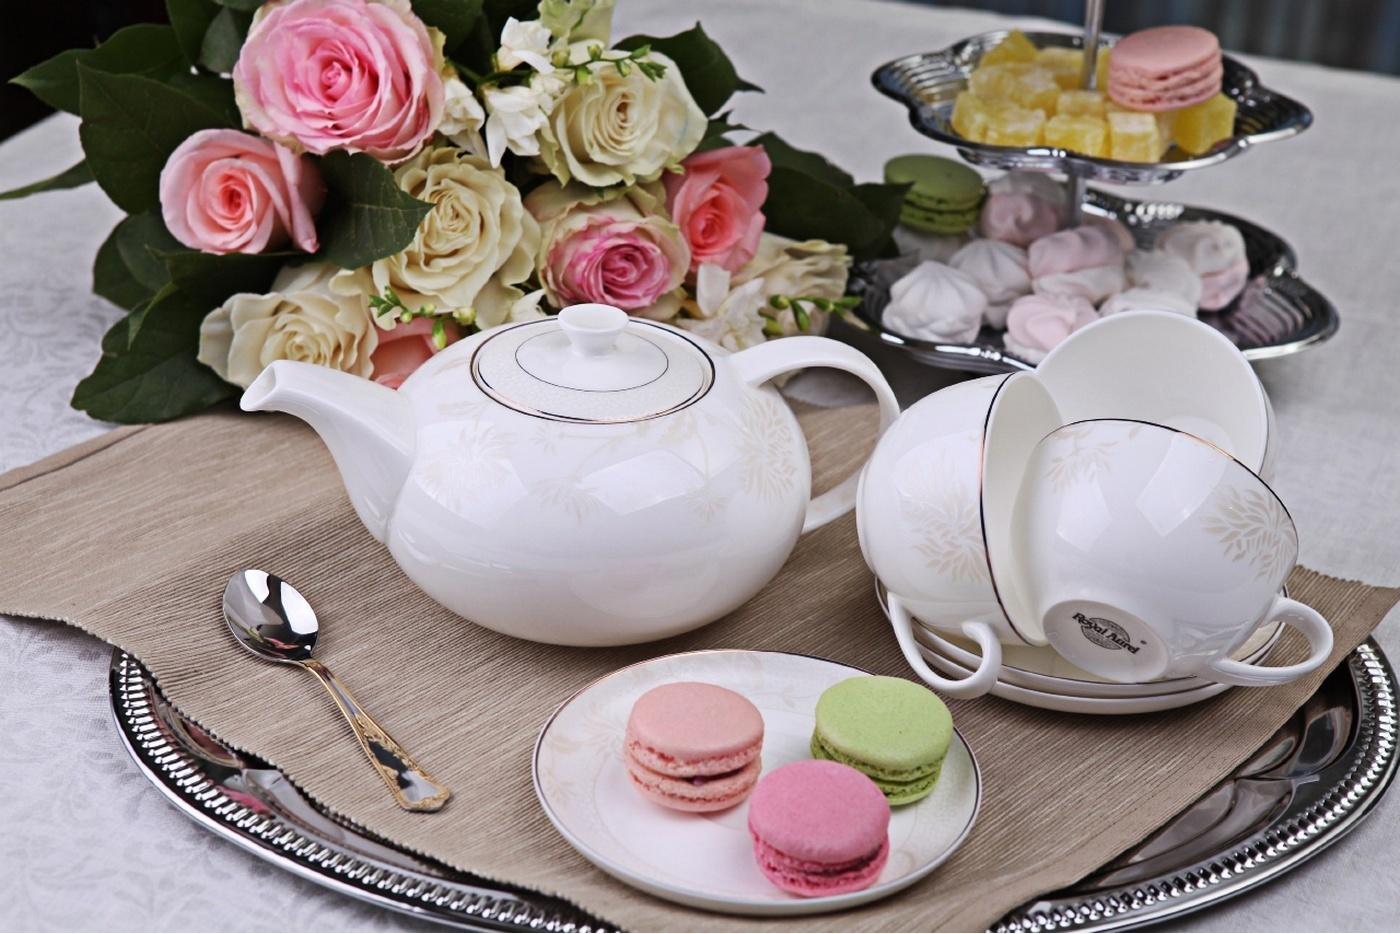 Чайный сервиз Royal Aurel Хризантема арт.113, 13 предметовЧайные сервизы<br>Чайный сервиз Royal Aurel Хризантема арт.113, 13 предметов<br><br><br><br><br><br><br><br><br><br><br>Чашка 300 мл,6 шт.<br>Блюдце 15 см,6 шт.<br>Чайник 1300 мл<br><br><br><br><br><br><br>Производить посуду из фарфора начали в Китае на стыке 6-7 веков. Неустанно совершенствуя и селективно отбирая сырье для производства посуды из фарфора, мастерам удалось добиться выдающихся характеристик фарфора: белизны и тонкостенности. В XV веке появился особый интерес к китайской фарфоровой посуде, так как в это время Европе возникла мода на самобытные китайские вещи. Роскошный китайский фарфор являлся изыском и был в новинку, поэтому он выступал в качестве подарка королям, а также знатным людям. Такой дорогой подарок был очень престижен и по праву являлся элитной посудой. Как известно из многочисленных исторических документов, в Европе китайские изделия из фарфора ценились практически как золото. <br>Проверка изделий из костяного фарфора на подлинность <br>По сравнению с производством других видов фарфора процесс производства изделий из настоящего костяного фарфора сложен и весьма длителен. Посуда из изящного фарфора - это элитная посуда, которая всегда ассоциируется с богатством, величием и благородством. Несмотря на небольшую толщину, фарфоровая посуда - это очень прочное изделие. Для демонстрации плотности и прочности фарфора можно легко коснуться предметов посуды из фарфора деревянной палочкой, и тогда мы услушим характерный металлический звон. В составе фарфоровой посуды присутствует костяная зола, благодаря чему она может быть намного тоньше (не более 2,5 мм) и легче твердого или мягкого фарфора. Безупречная белизна - ключевой признак отличия такого фарфора от других. Цвет обычного фарфора сероватый или ближе к голубоватому, а костяной фарфор будет всегда будет молочно-белого цвета. Характерная и немаловажная деталь - это невесомая прозрачность изделий из фарфора такая, что сквозь него проходит св